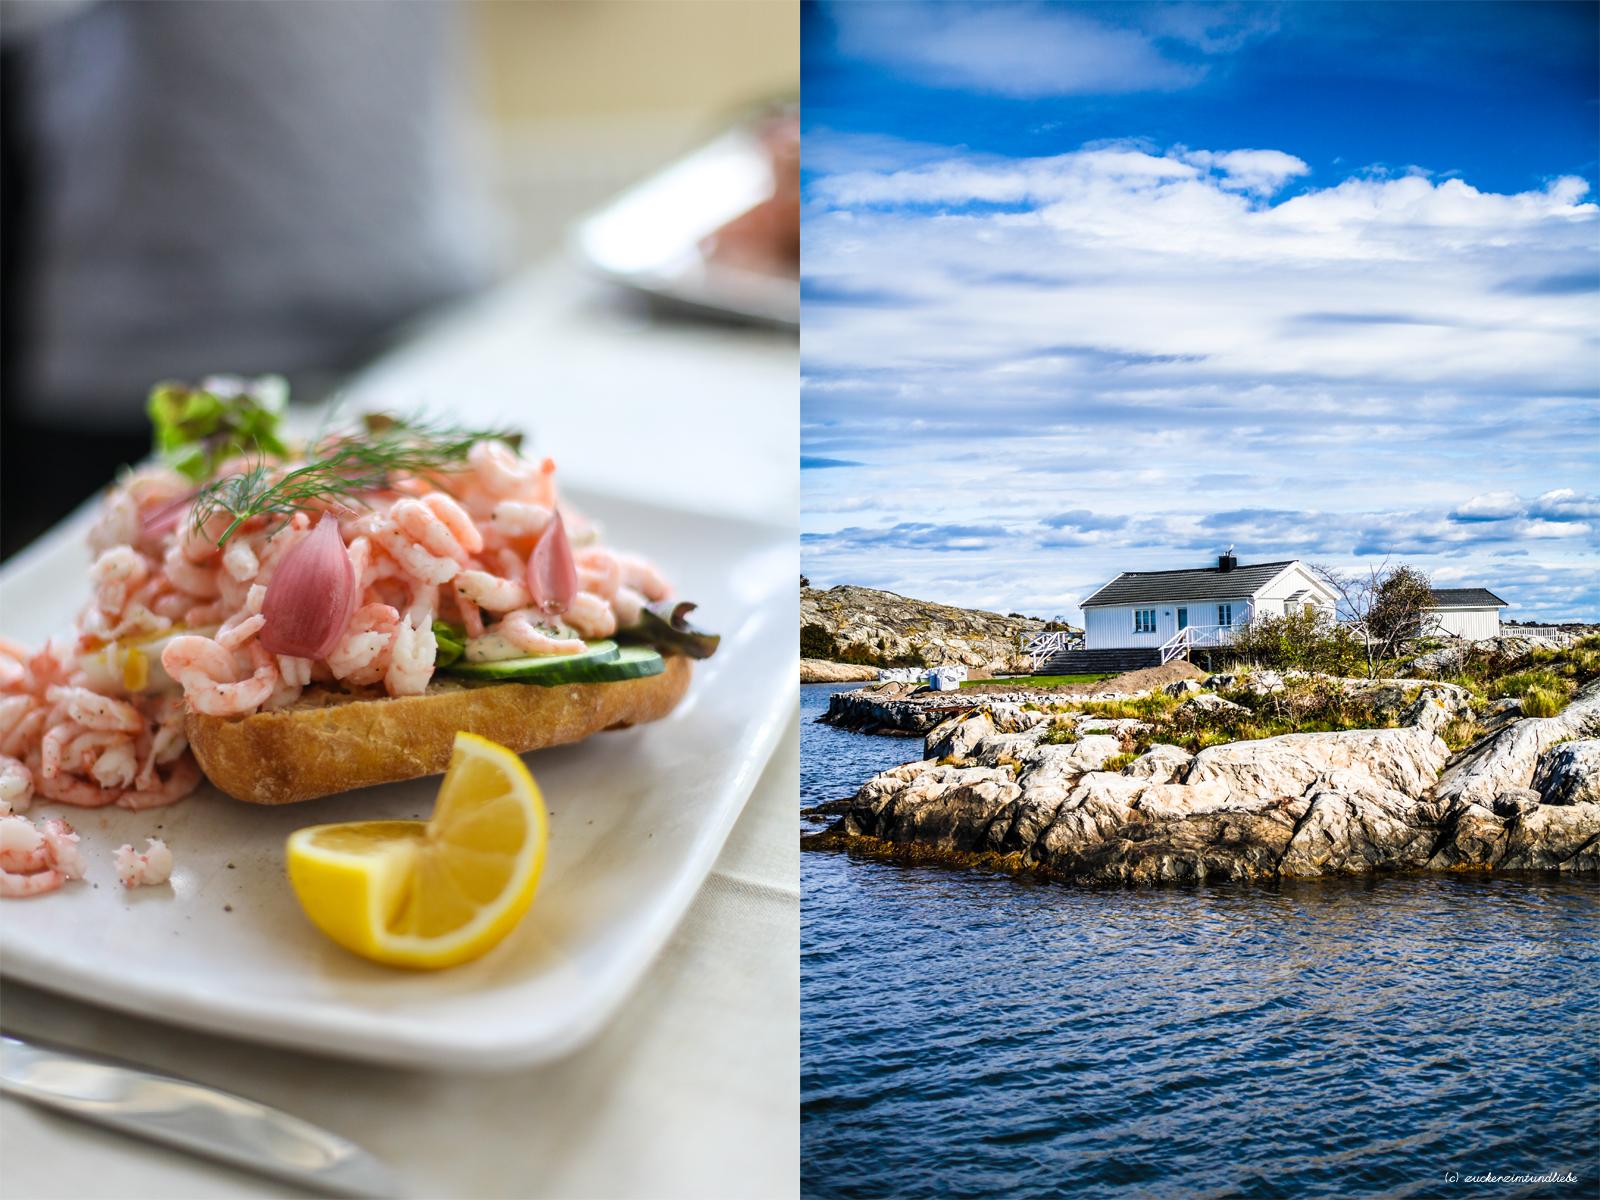 zuckerzimtundliebe westschweden schären Krabben Sandwich